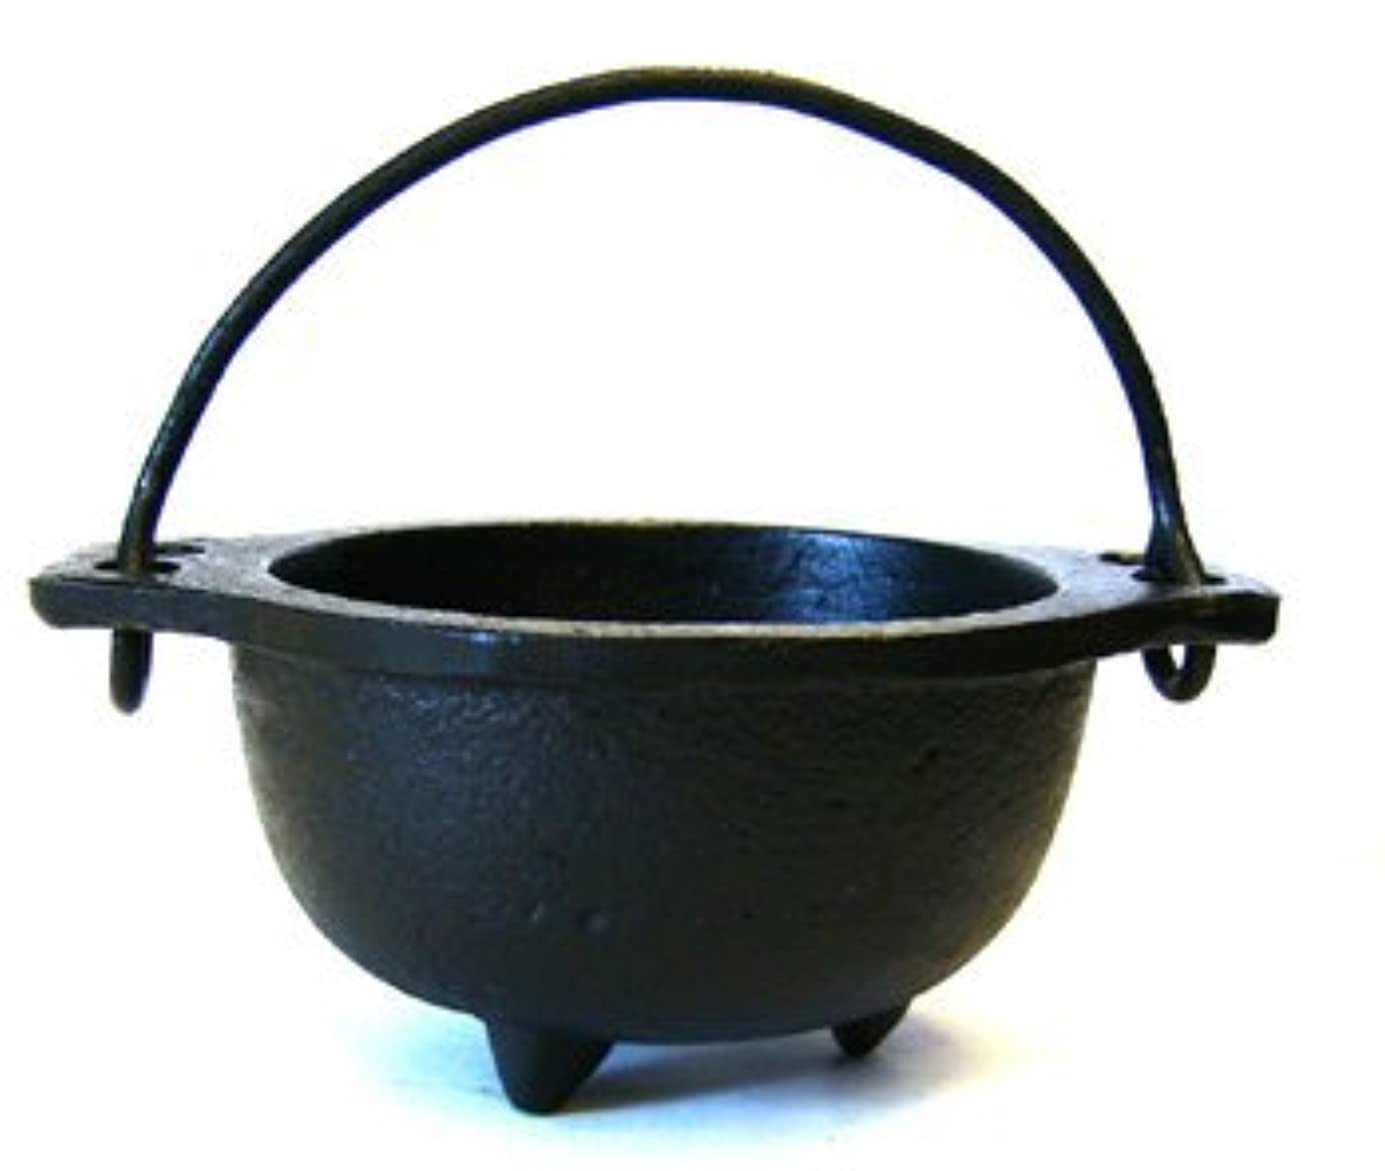 交じる盟主合金(7.6cm Diameter) - New Age Imports, Inc. 683422113284 Cast Iron Cauldron w, Ideal for smudging, Incense Burning...